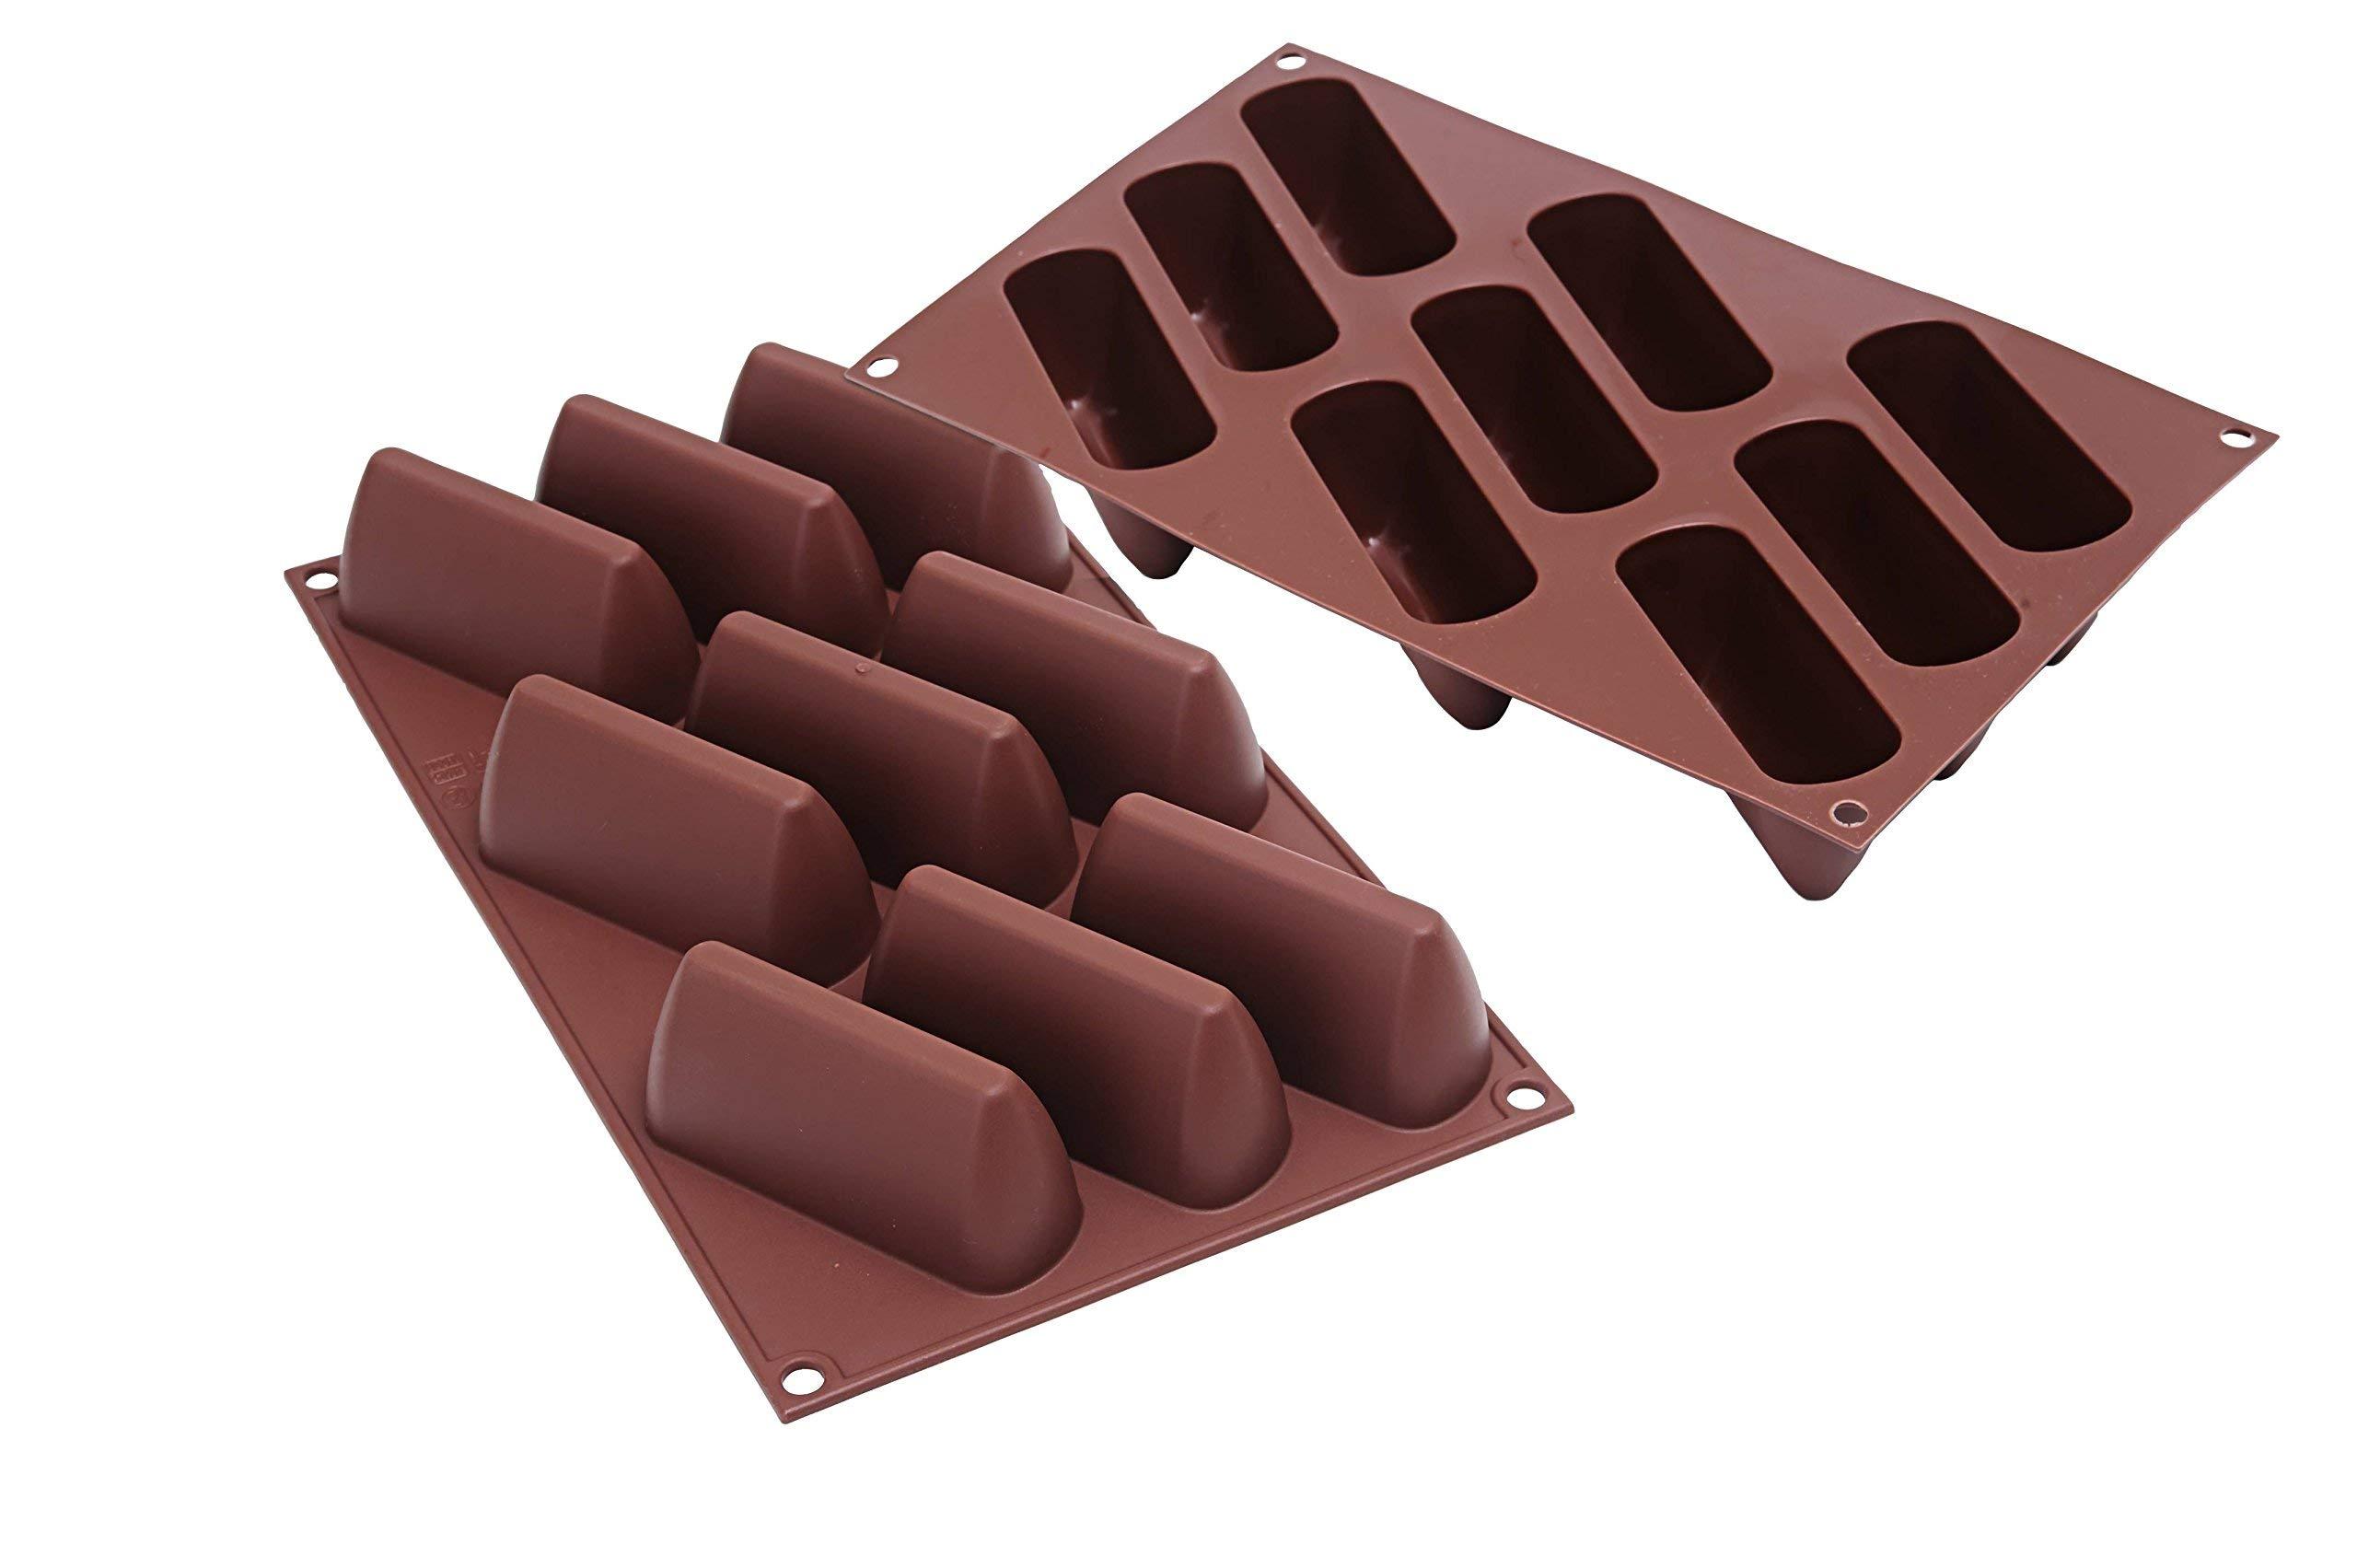 Silikomart Silicone Gianguia Easy Chocolate Mold, Large